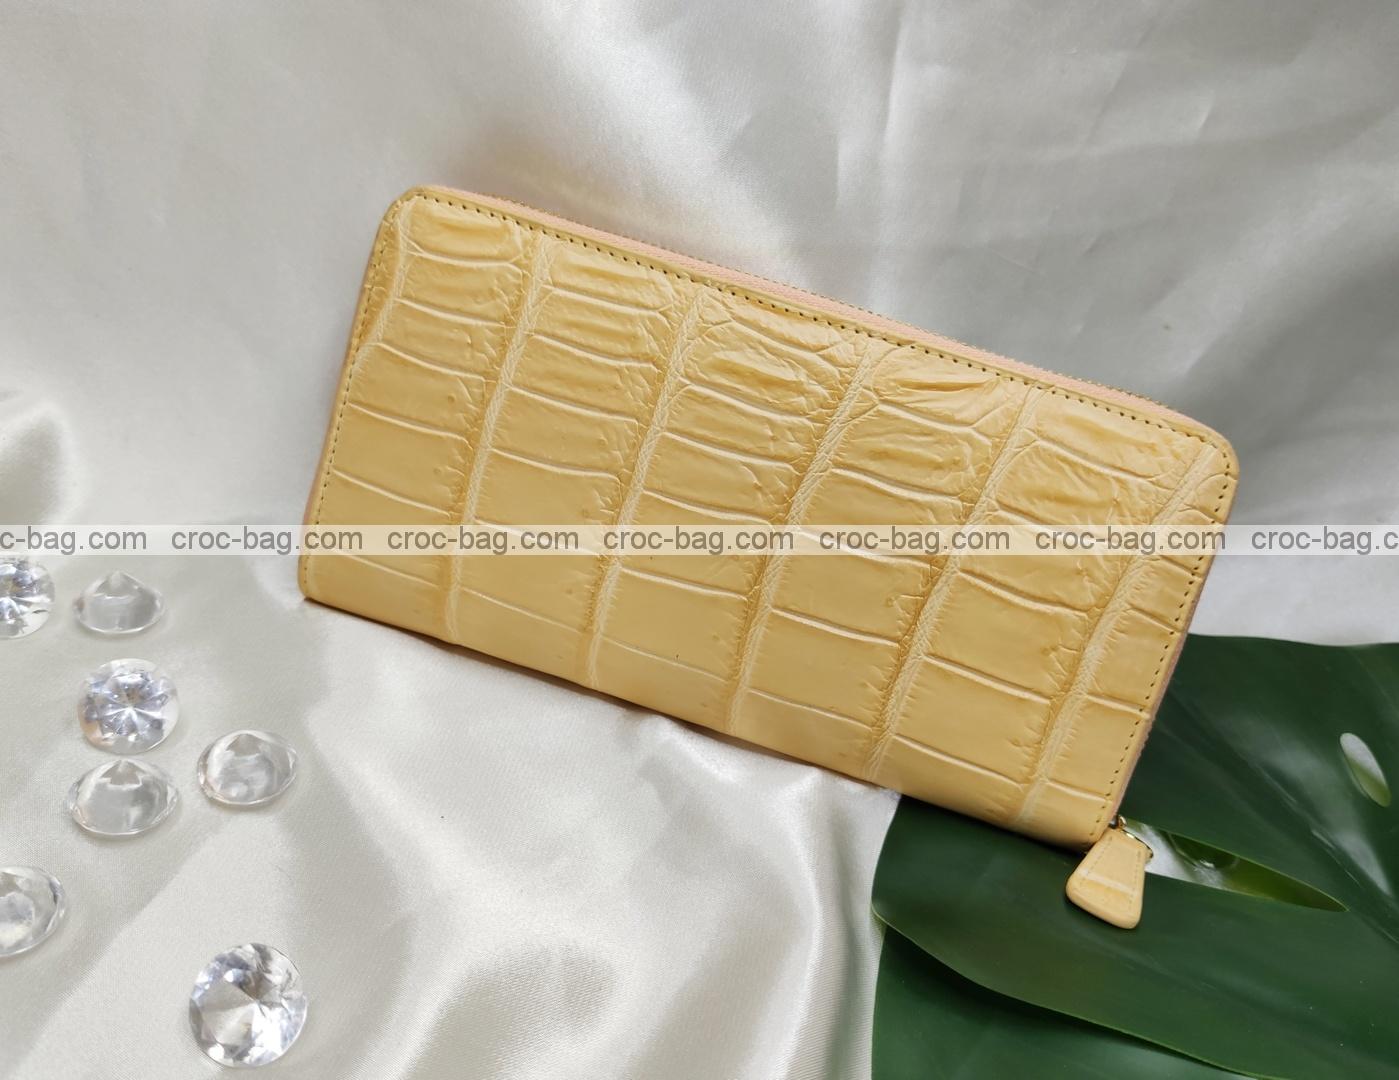 กระเป๋าสตางค์หนังจระเข้สำหรับผู้หญิง 5404